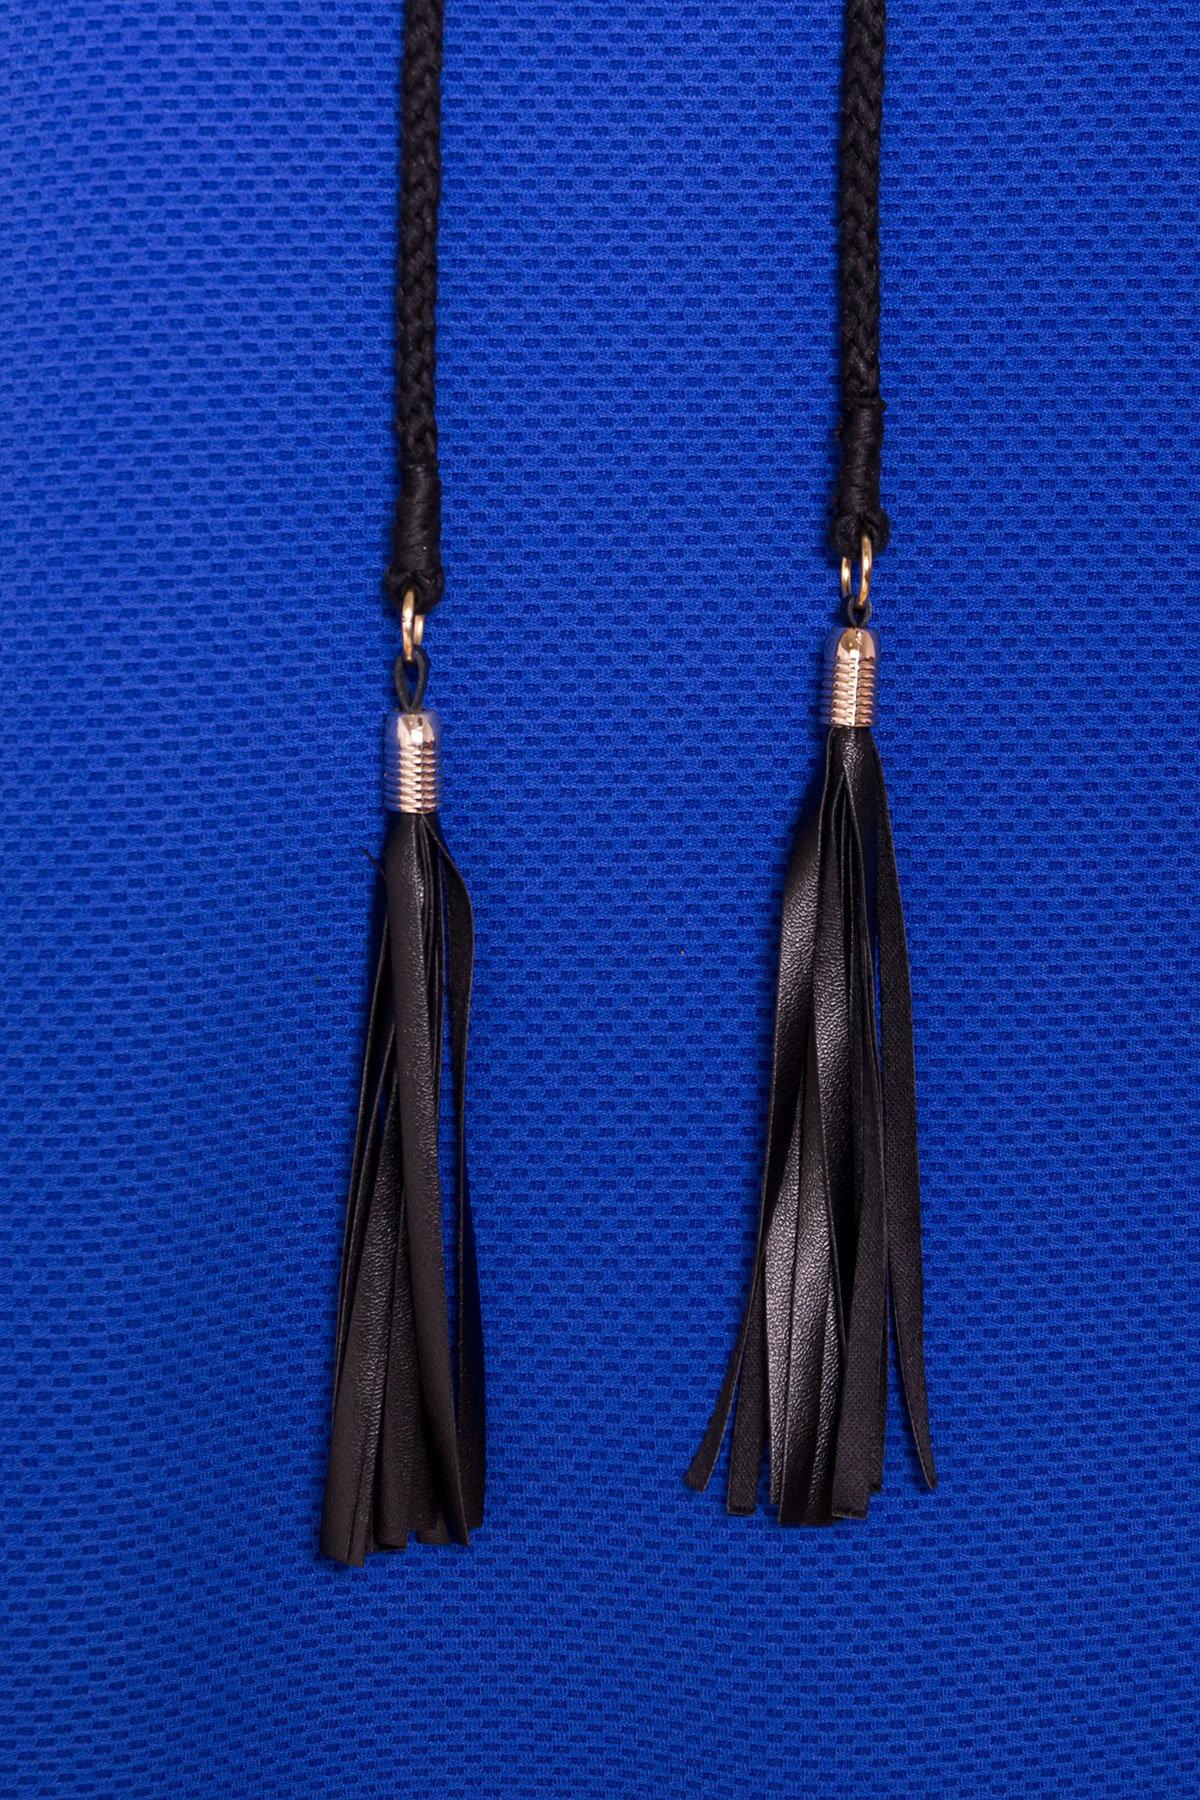 TW Костюм Дует 6425 АРТ. 41371 Цвет: Электрик/Черный - фото 4, интернет магазин tm-modus.ru